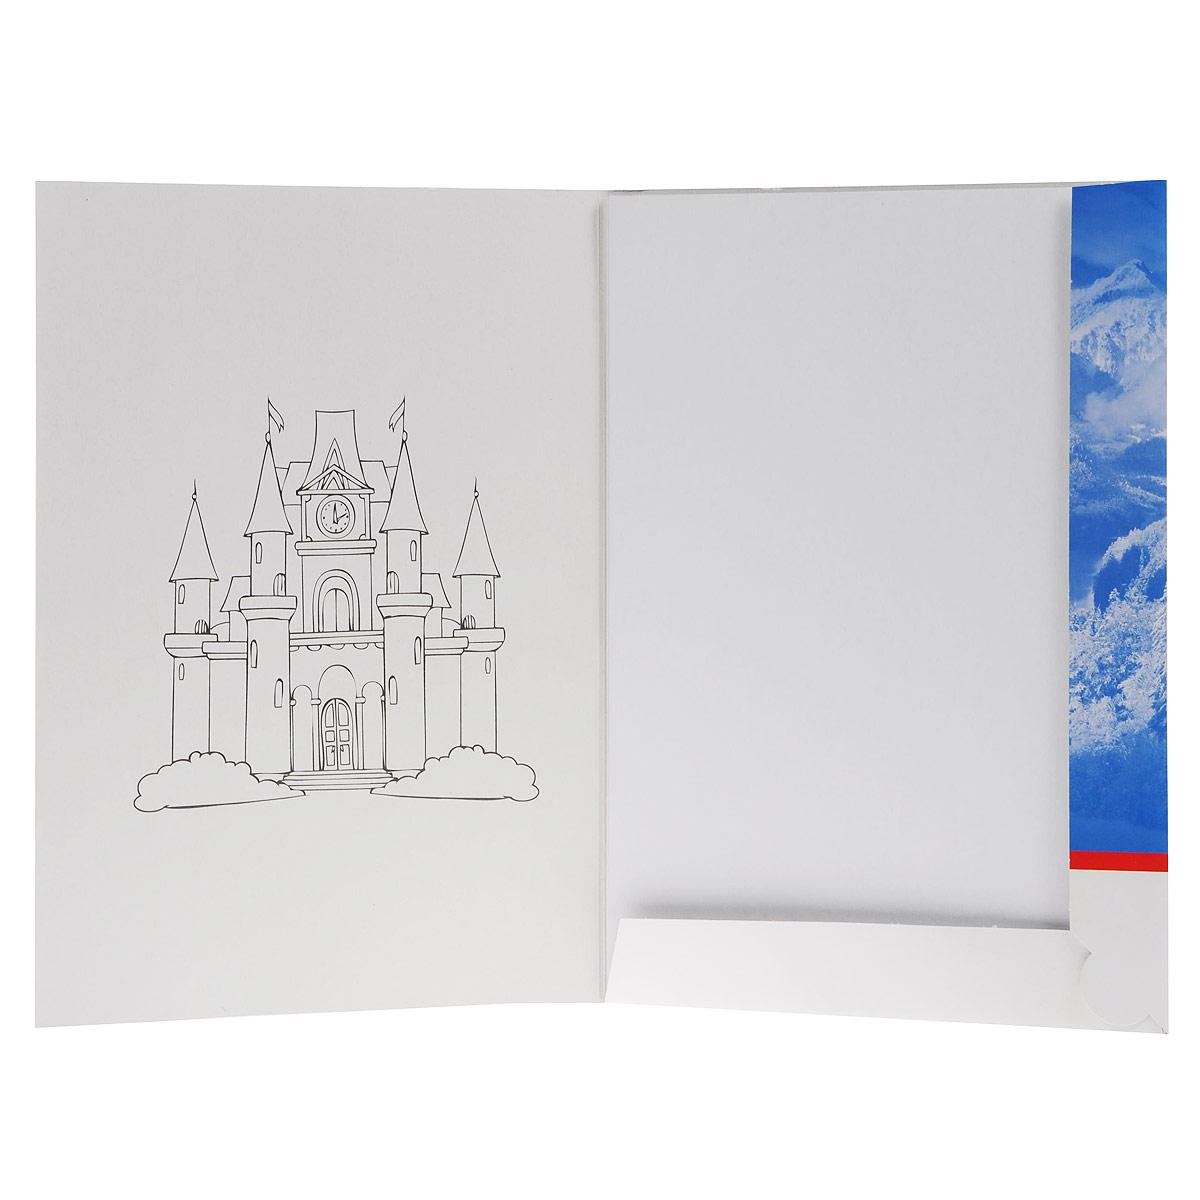 Картон Hatber Замок в горах позволит вашему ребенку создавать всевозможные аппликации и поделки. Набор состоит из десяти листов картона белого цвета с полуглянцевым покрытием формата А3. Картон упакован в оригинальную картонную папку, оформленную рисунком с изображением замка в горах. Создание поделок из картона поможет ребенку в развитии творческих способностей, кроме того, это увлекательный досуг.   Рекомендуемый возраст от 6 лет.